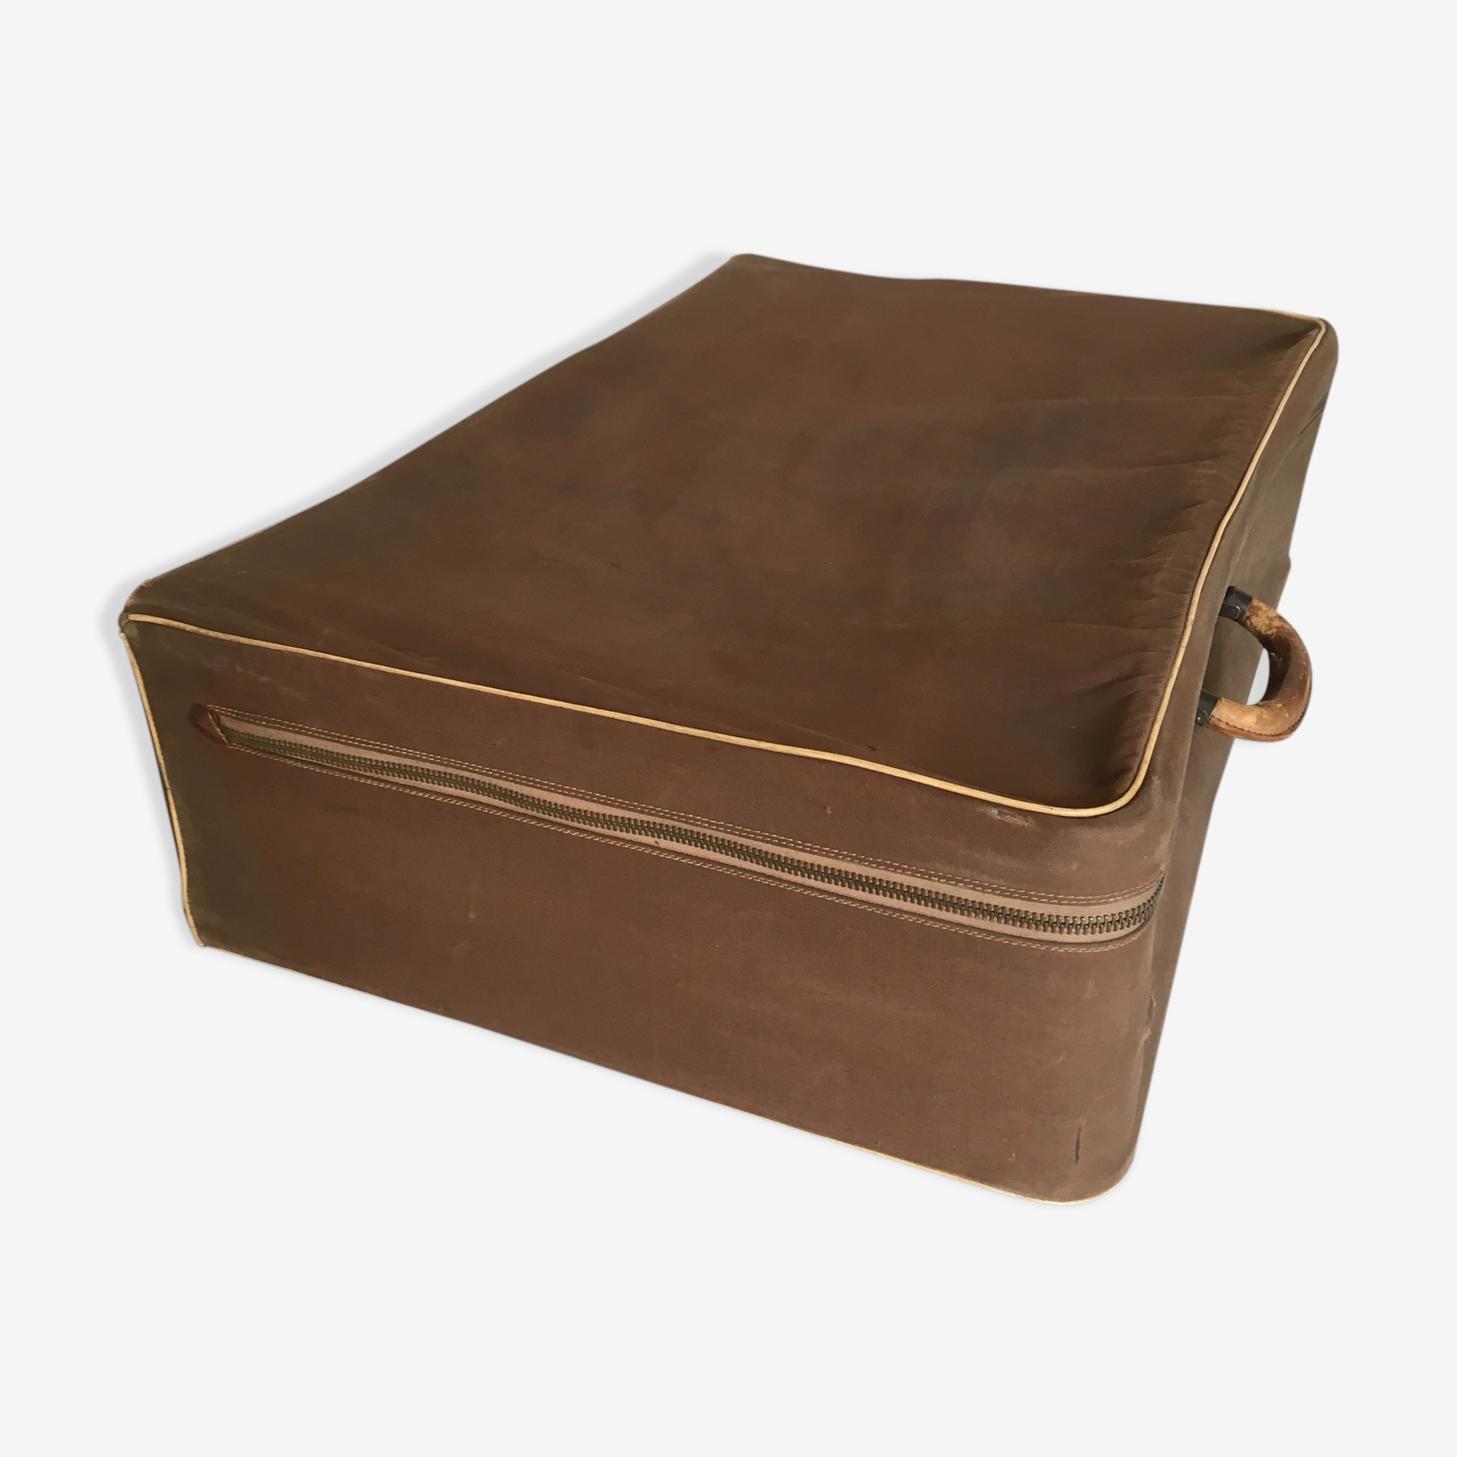 Valise en toile zippée, années 60s